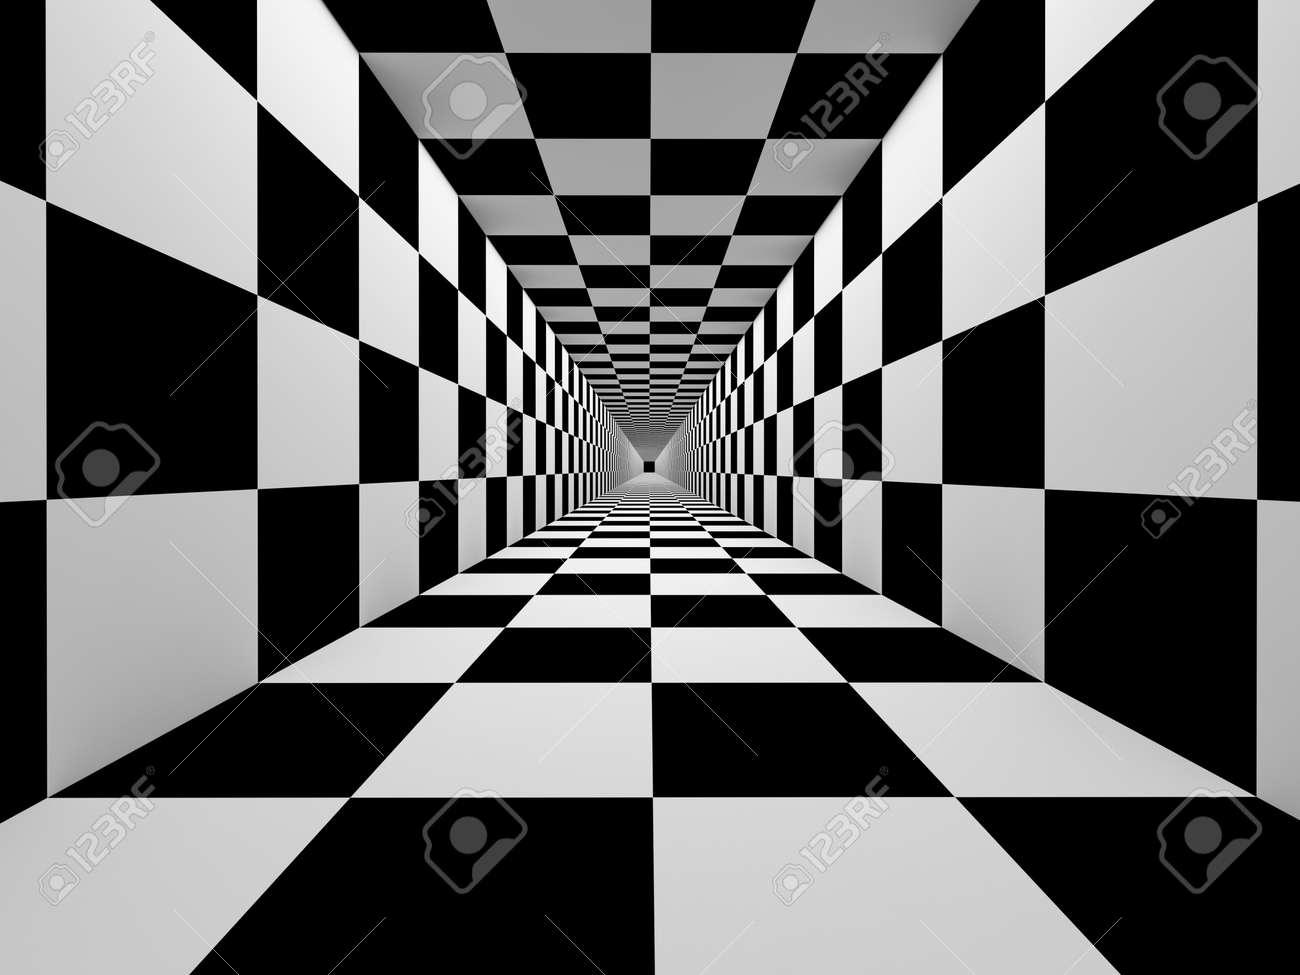 cuadros tnel blanco y negro foto de archivo with cuadro blanco y negro - Cuadros En Blanco Y Negro